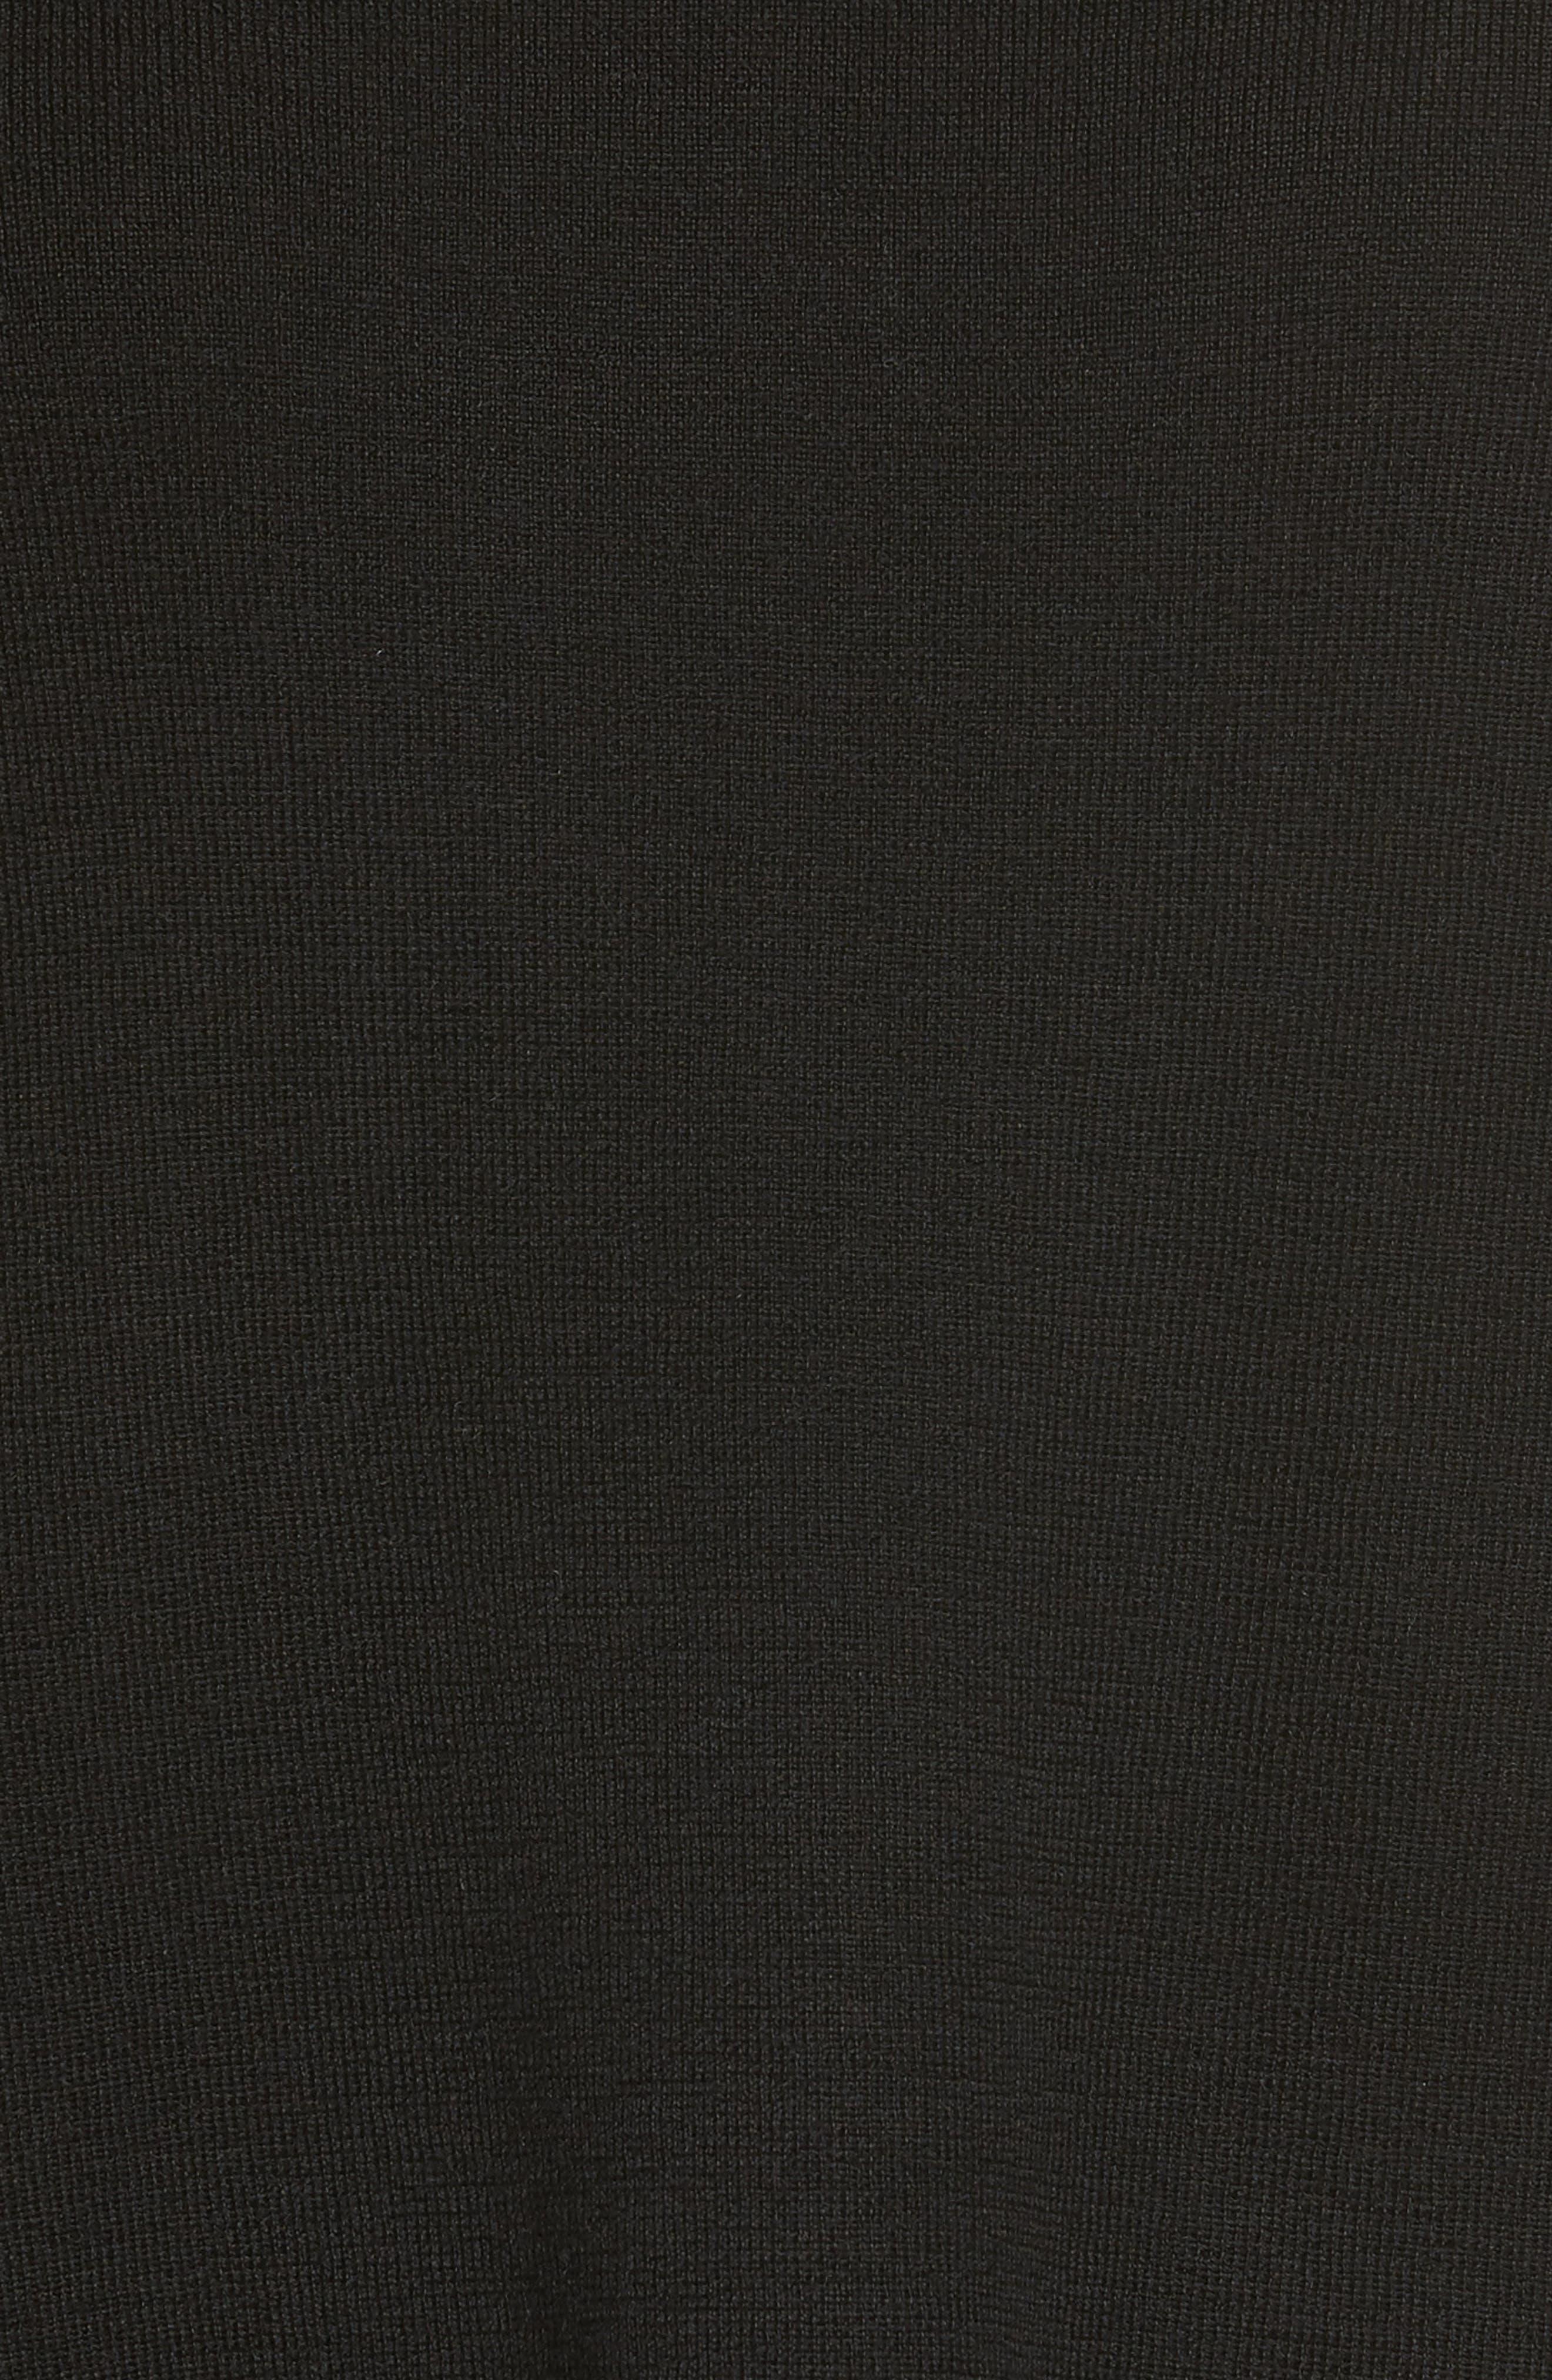 Alternate Image 5  - Eileen Fisher Merino Wool V-Neck Top